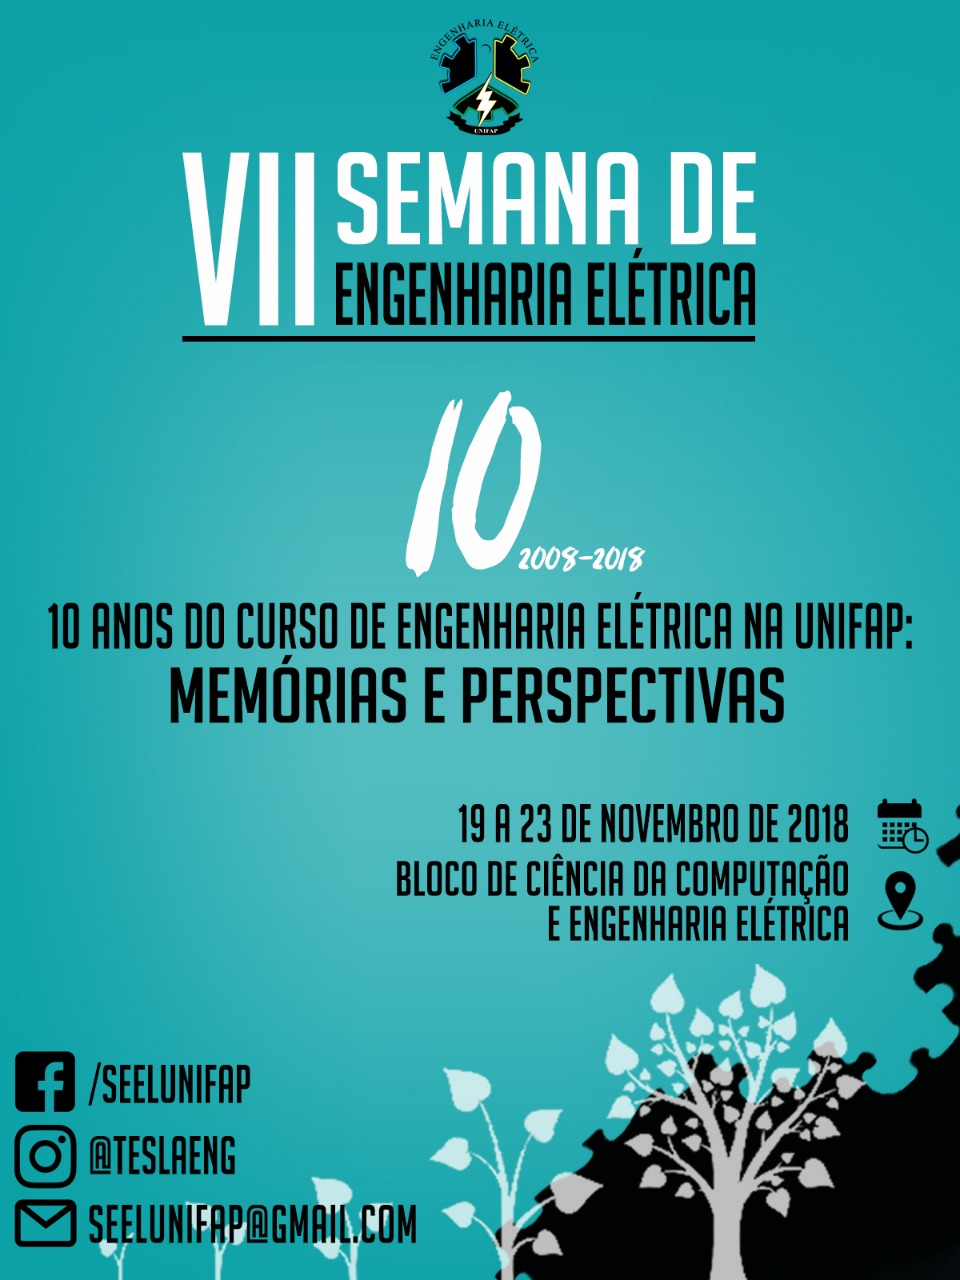 VII Semana de Engenharia Elétrica